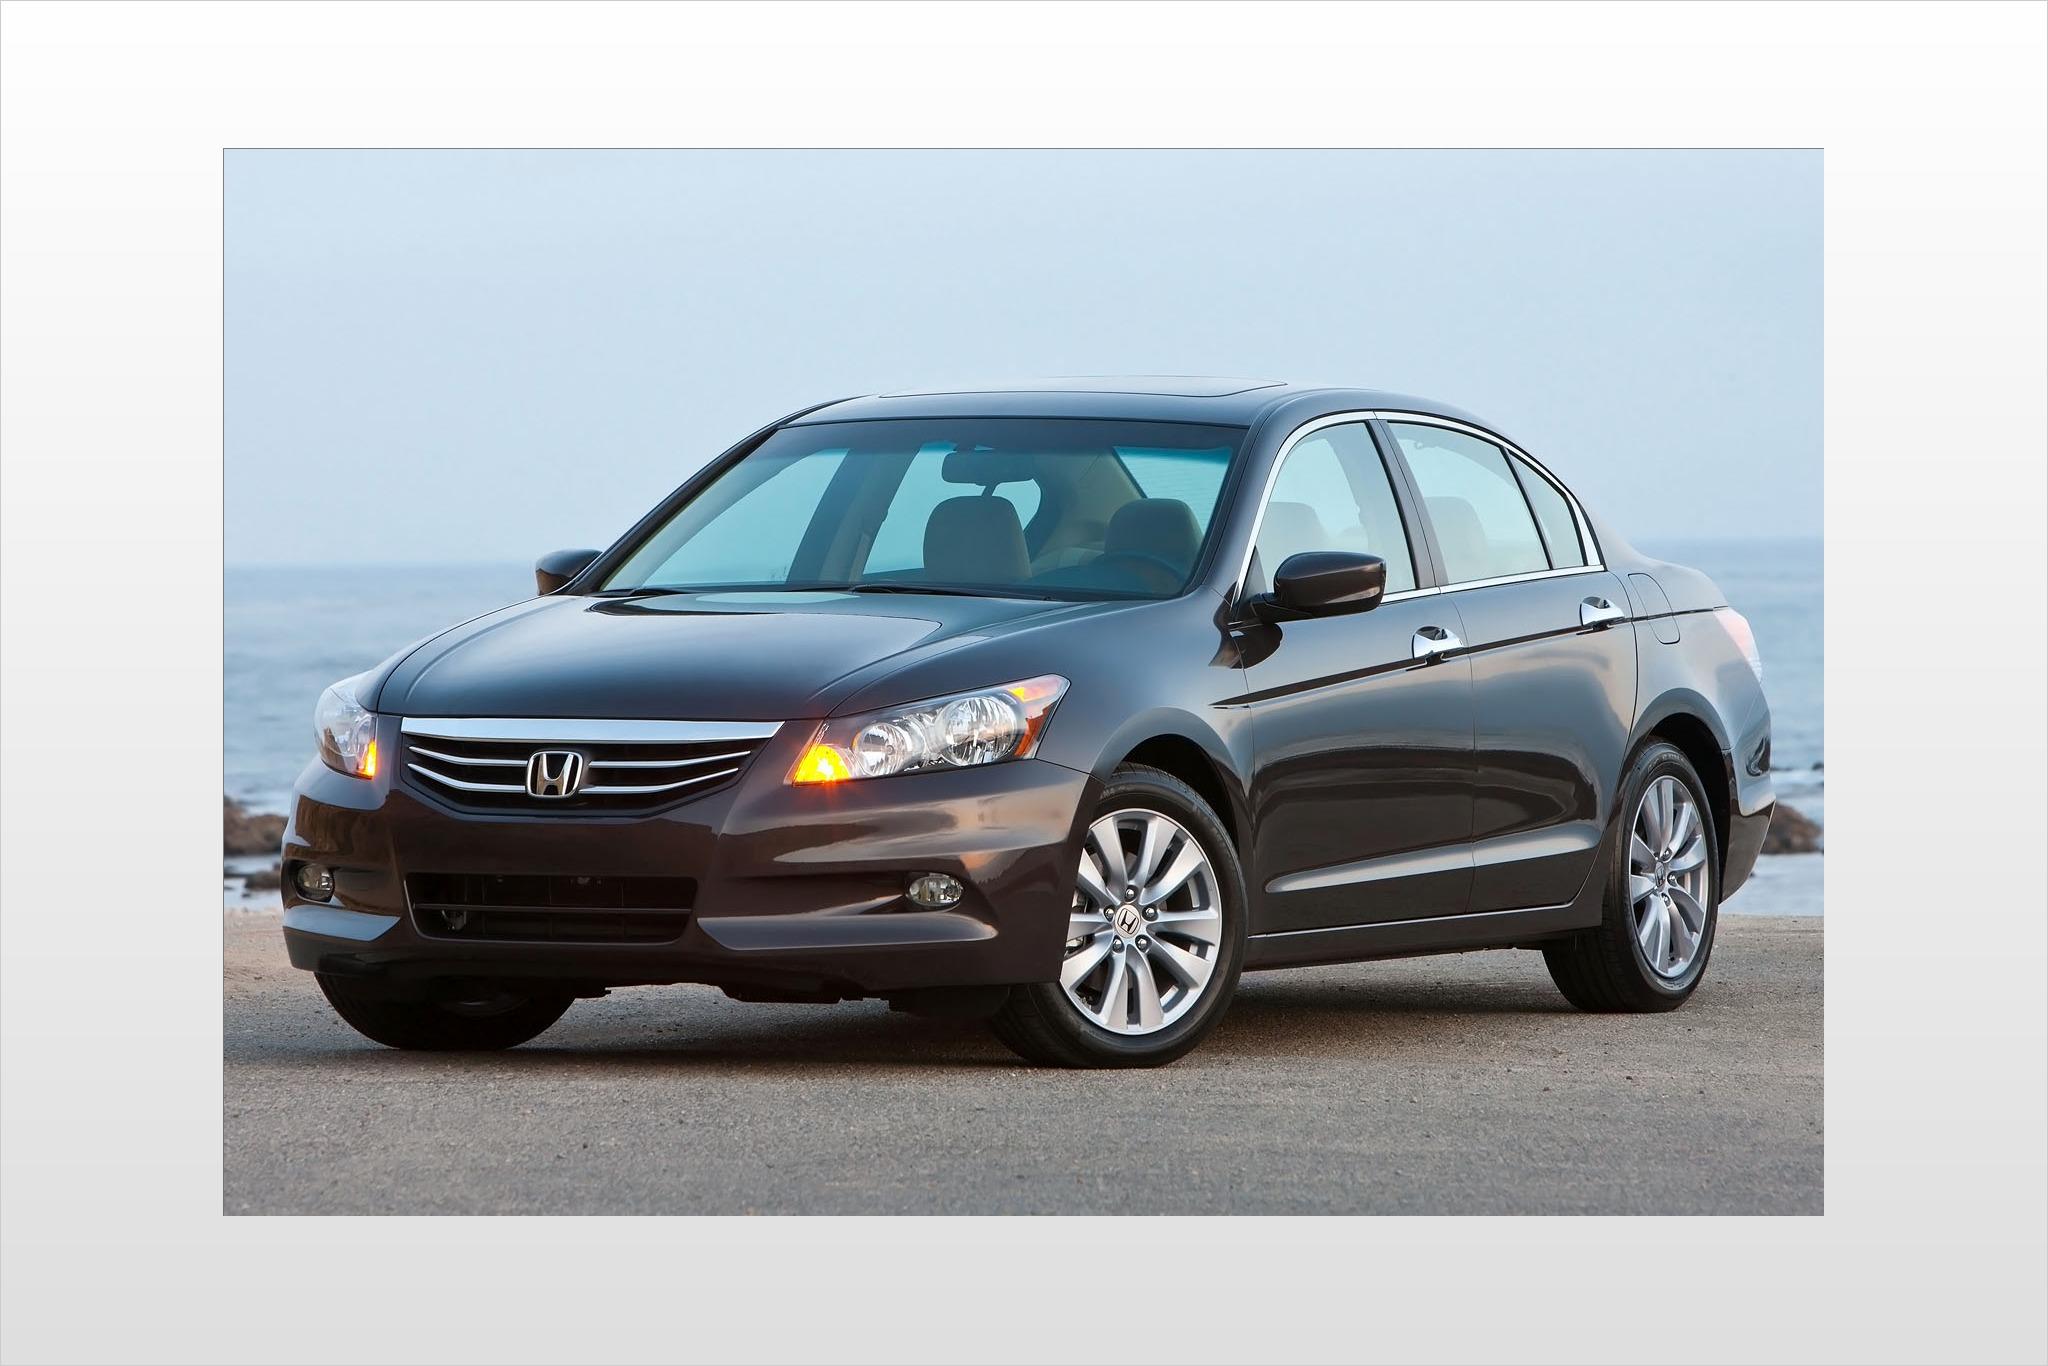 2012 Honda Accord Image 3